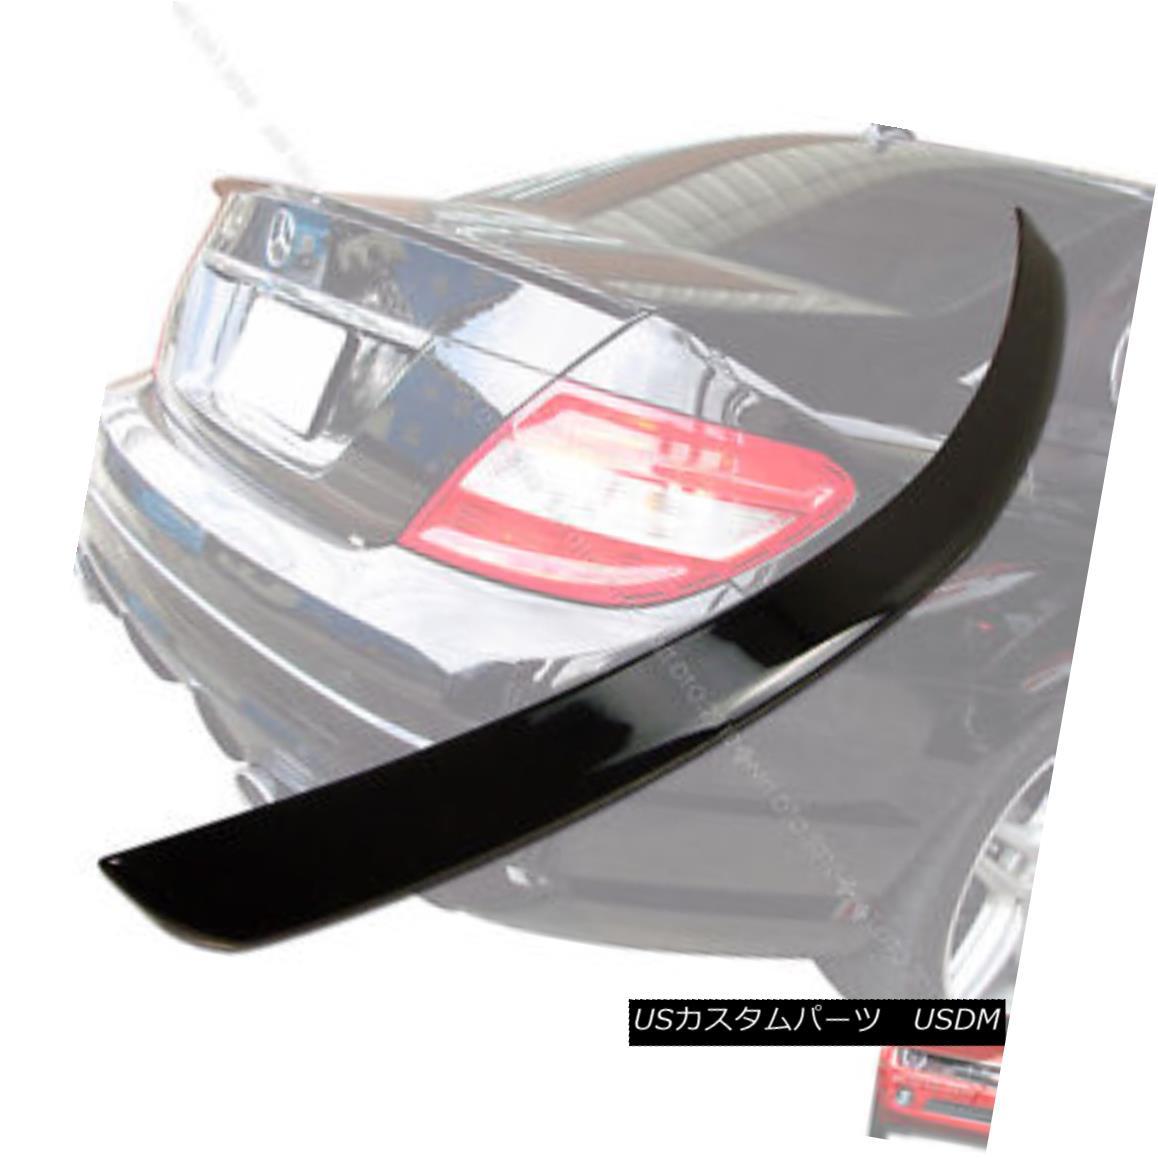 エアロパーツ ++Painted 08-13 Mercedes BENZ W204 Sedan Trunk Spoiler Rear Wing 197 § ++ Painted 08-13 BENZ W204セダントランク・スポイラーリアウィング197